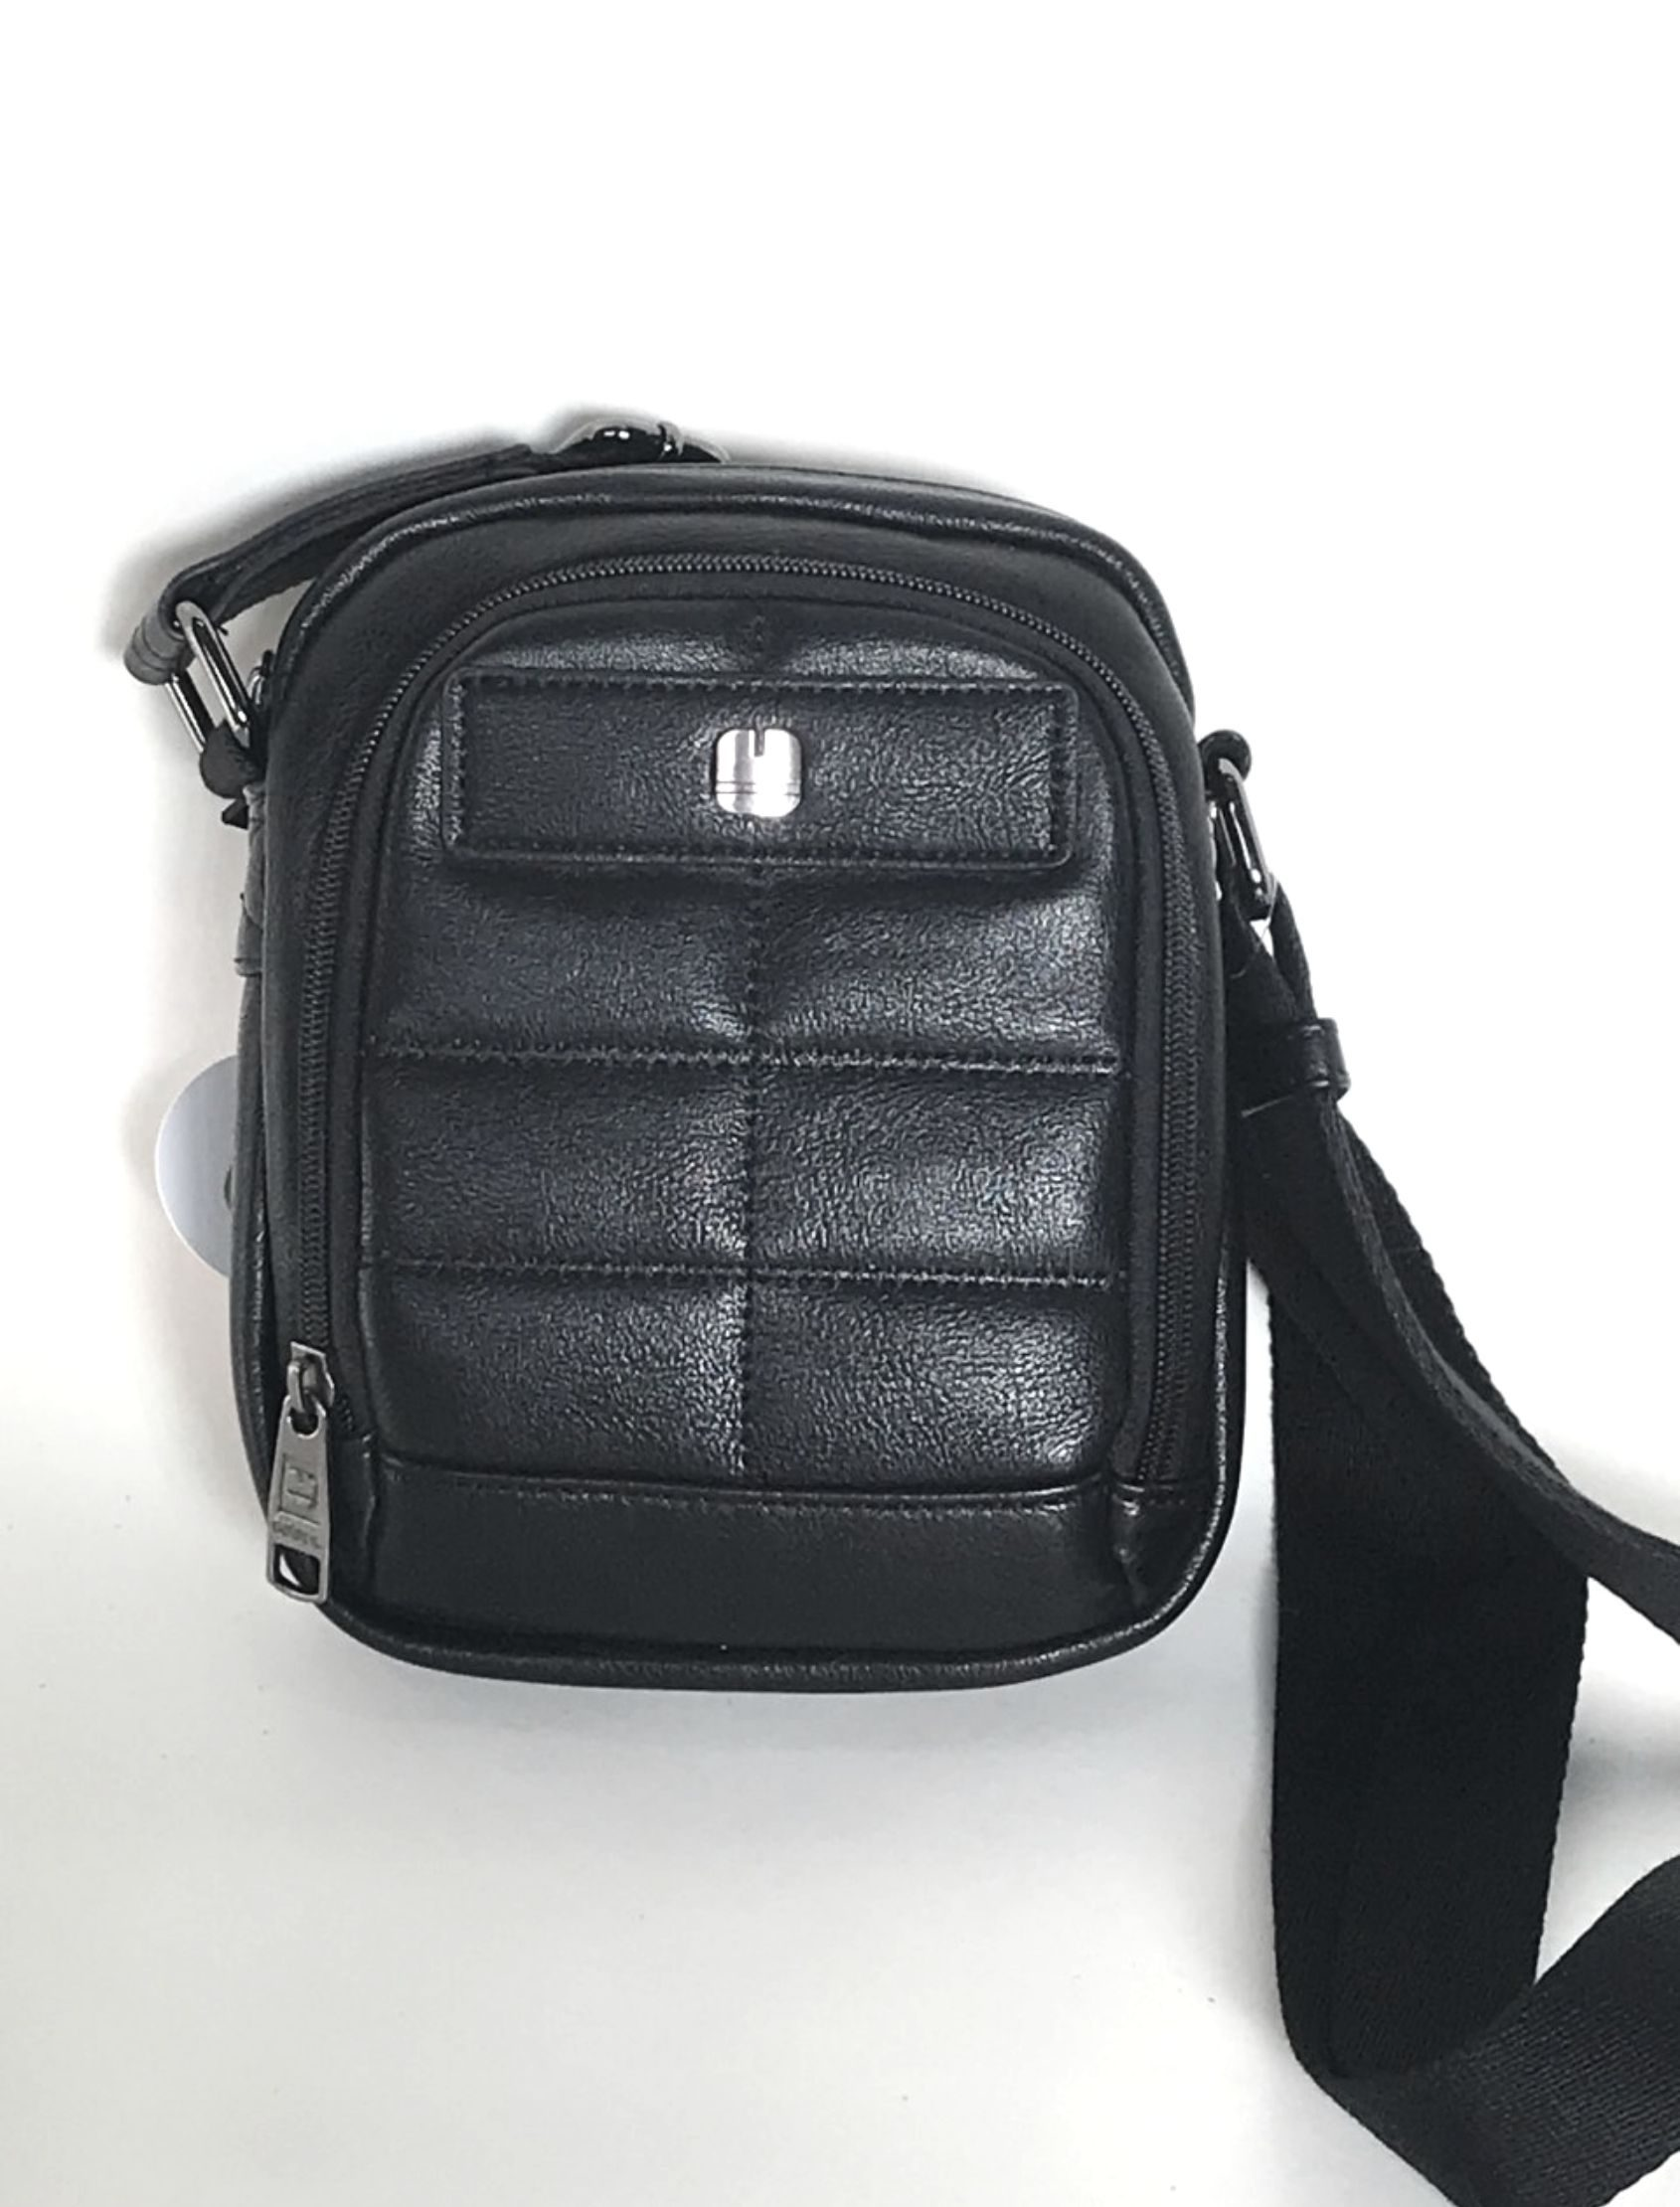 bolso bandolera negro de gabol en polipiel